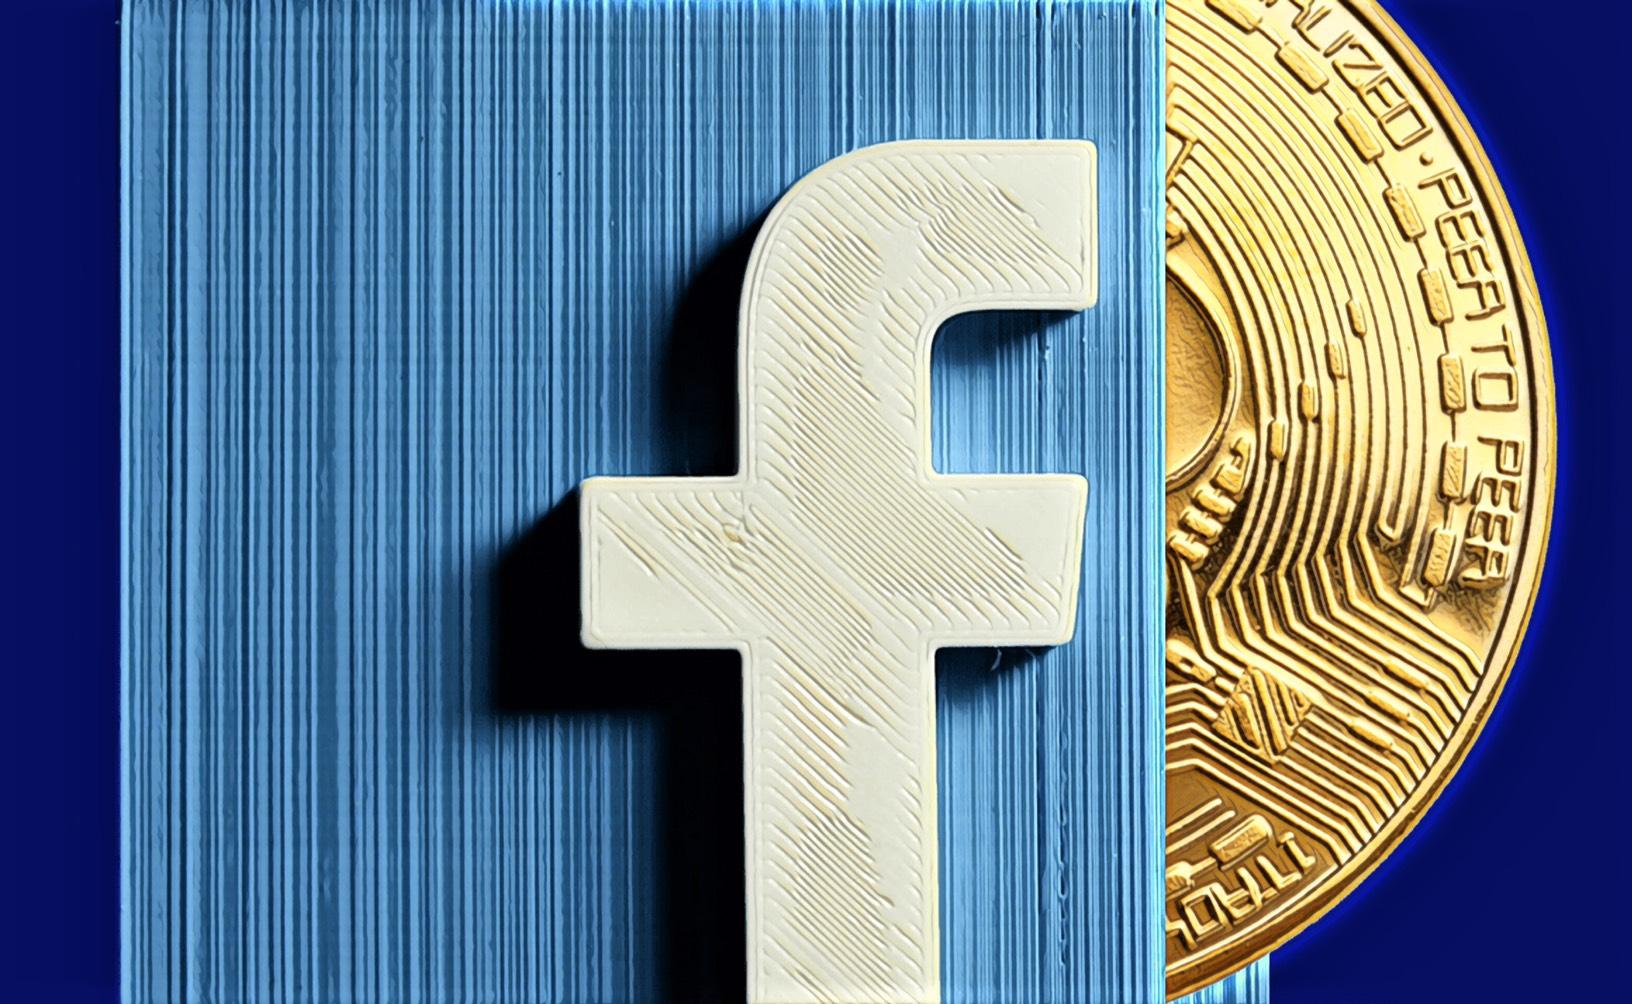 برنامه فیسبوک برای راه اندازی رمز ارز پایدار «GlobalCoin» در سال ۲۰۲۰